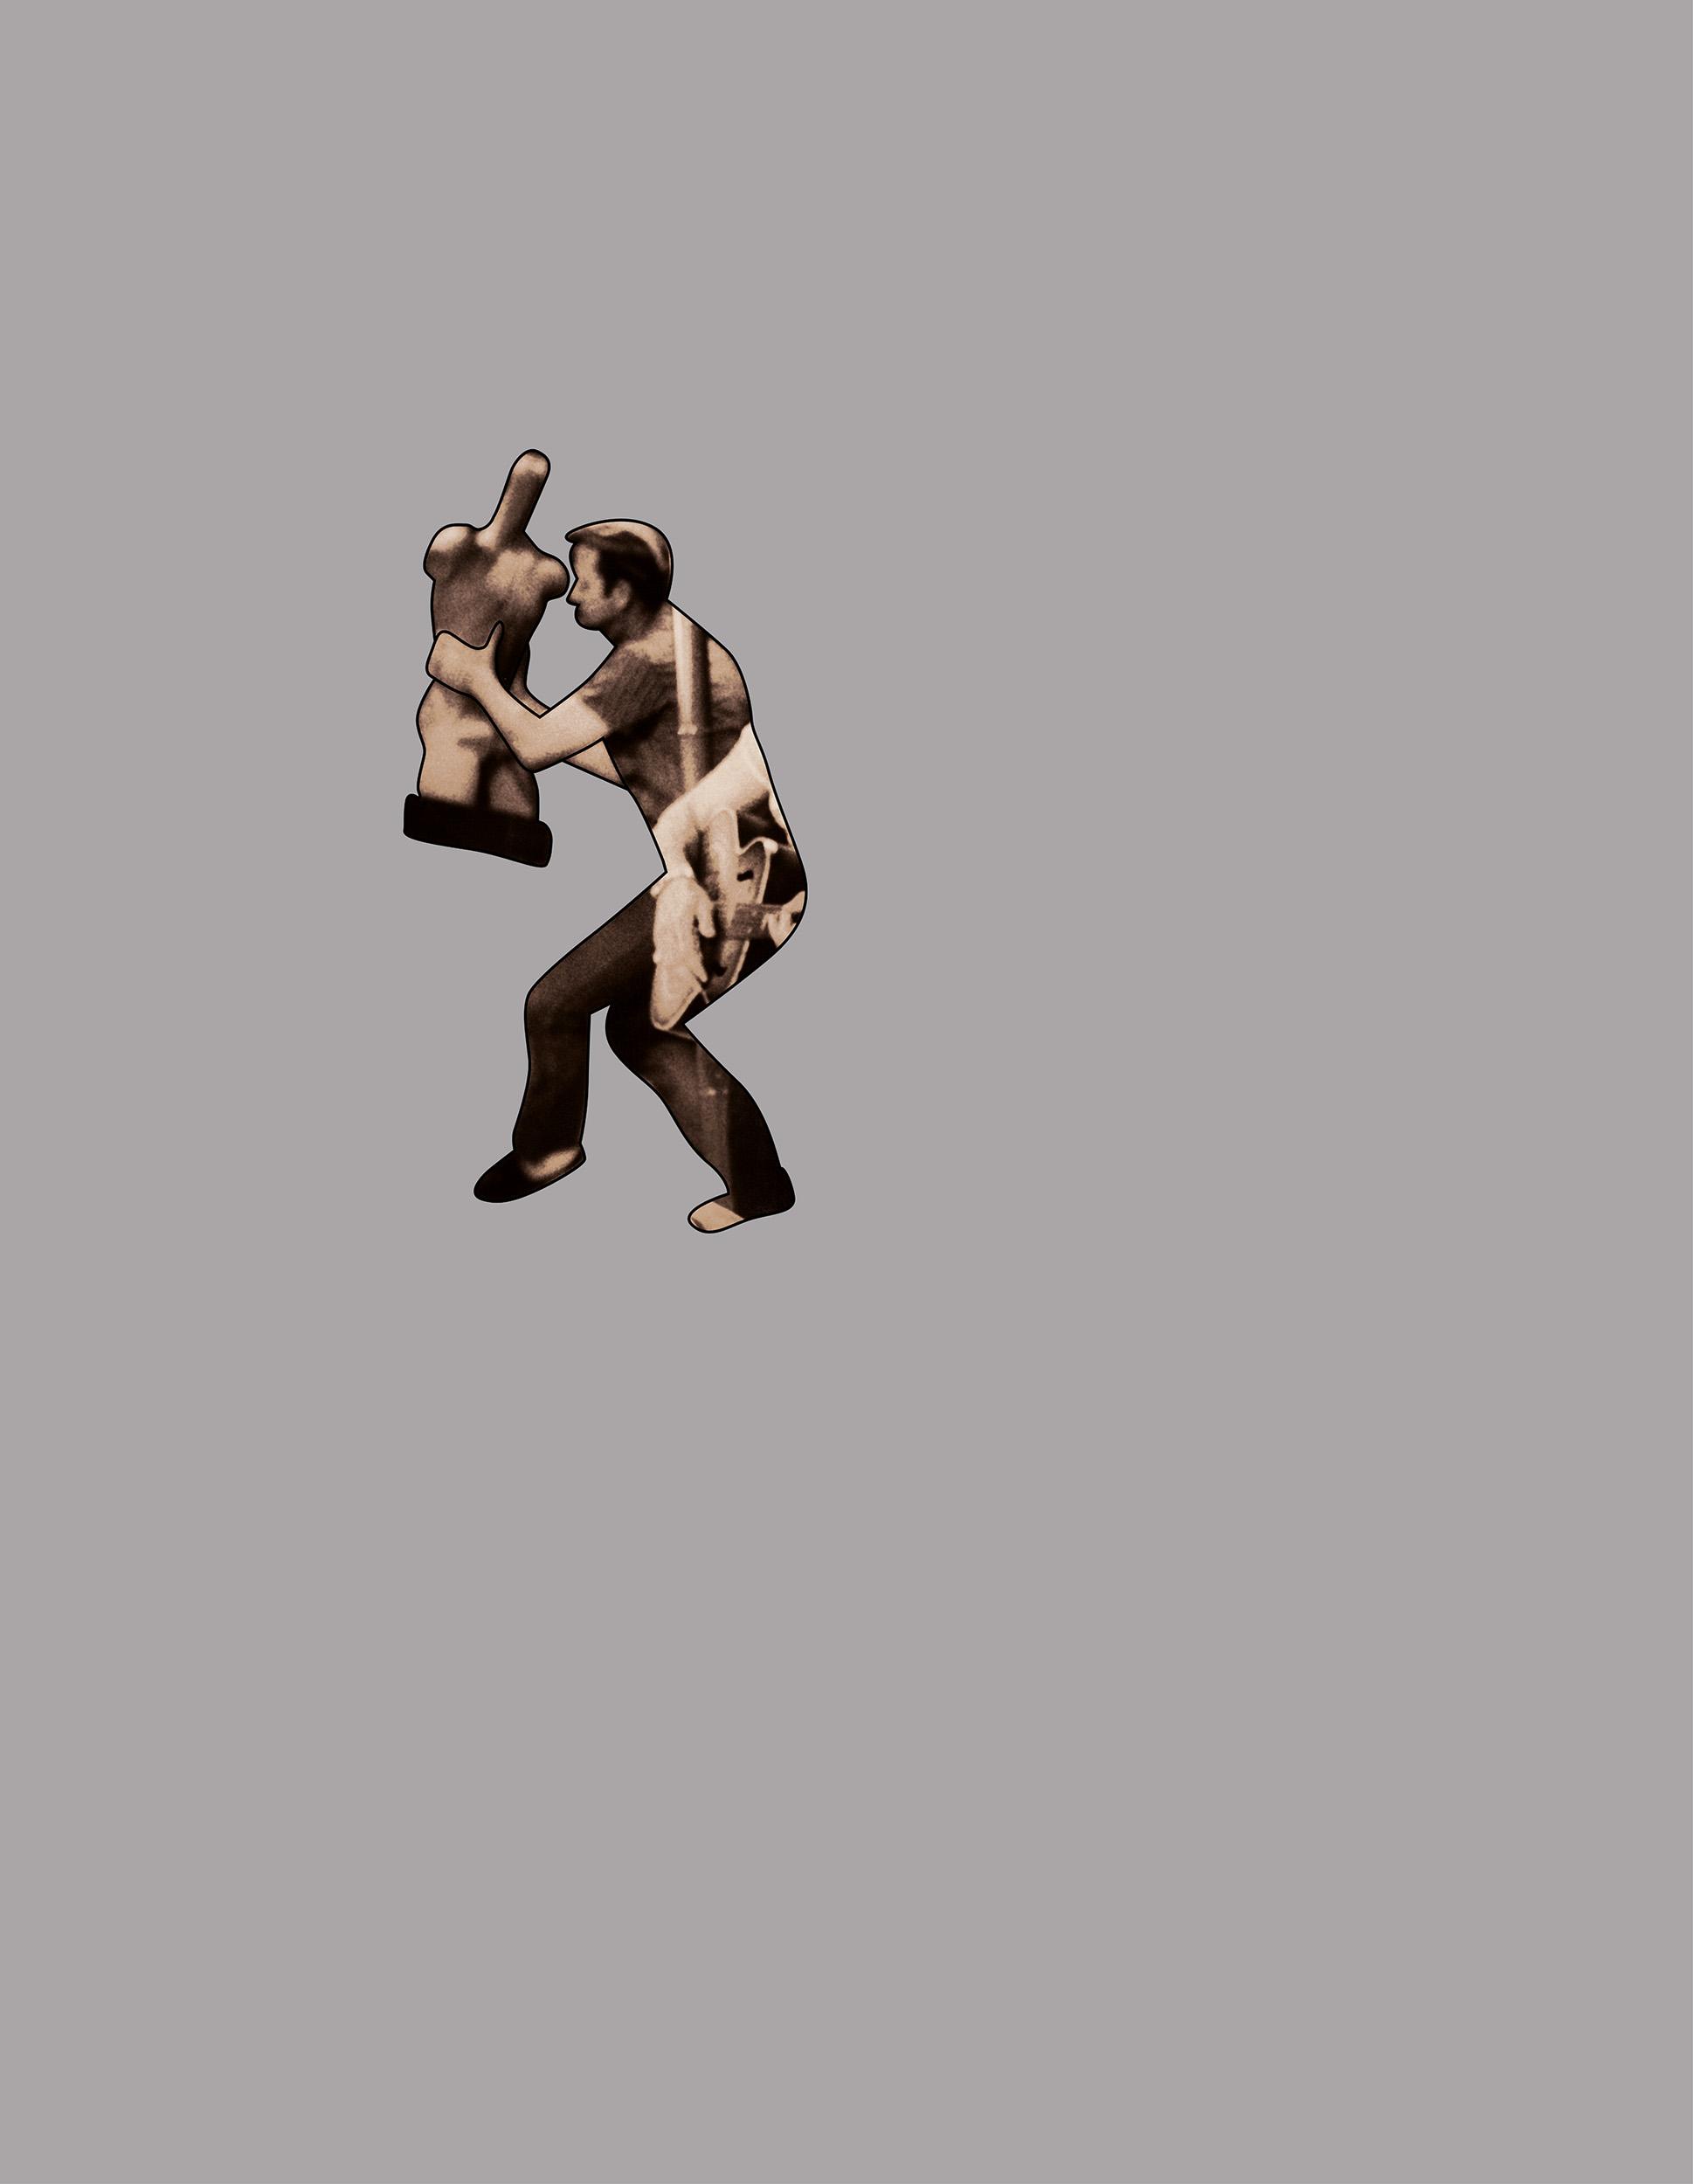 Mannequin Dancer  2005, colour photograph,76 x 58 cm / 30 x 23 in.